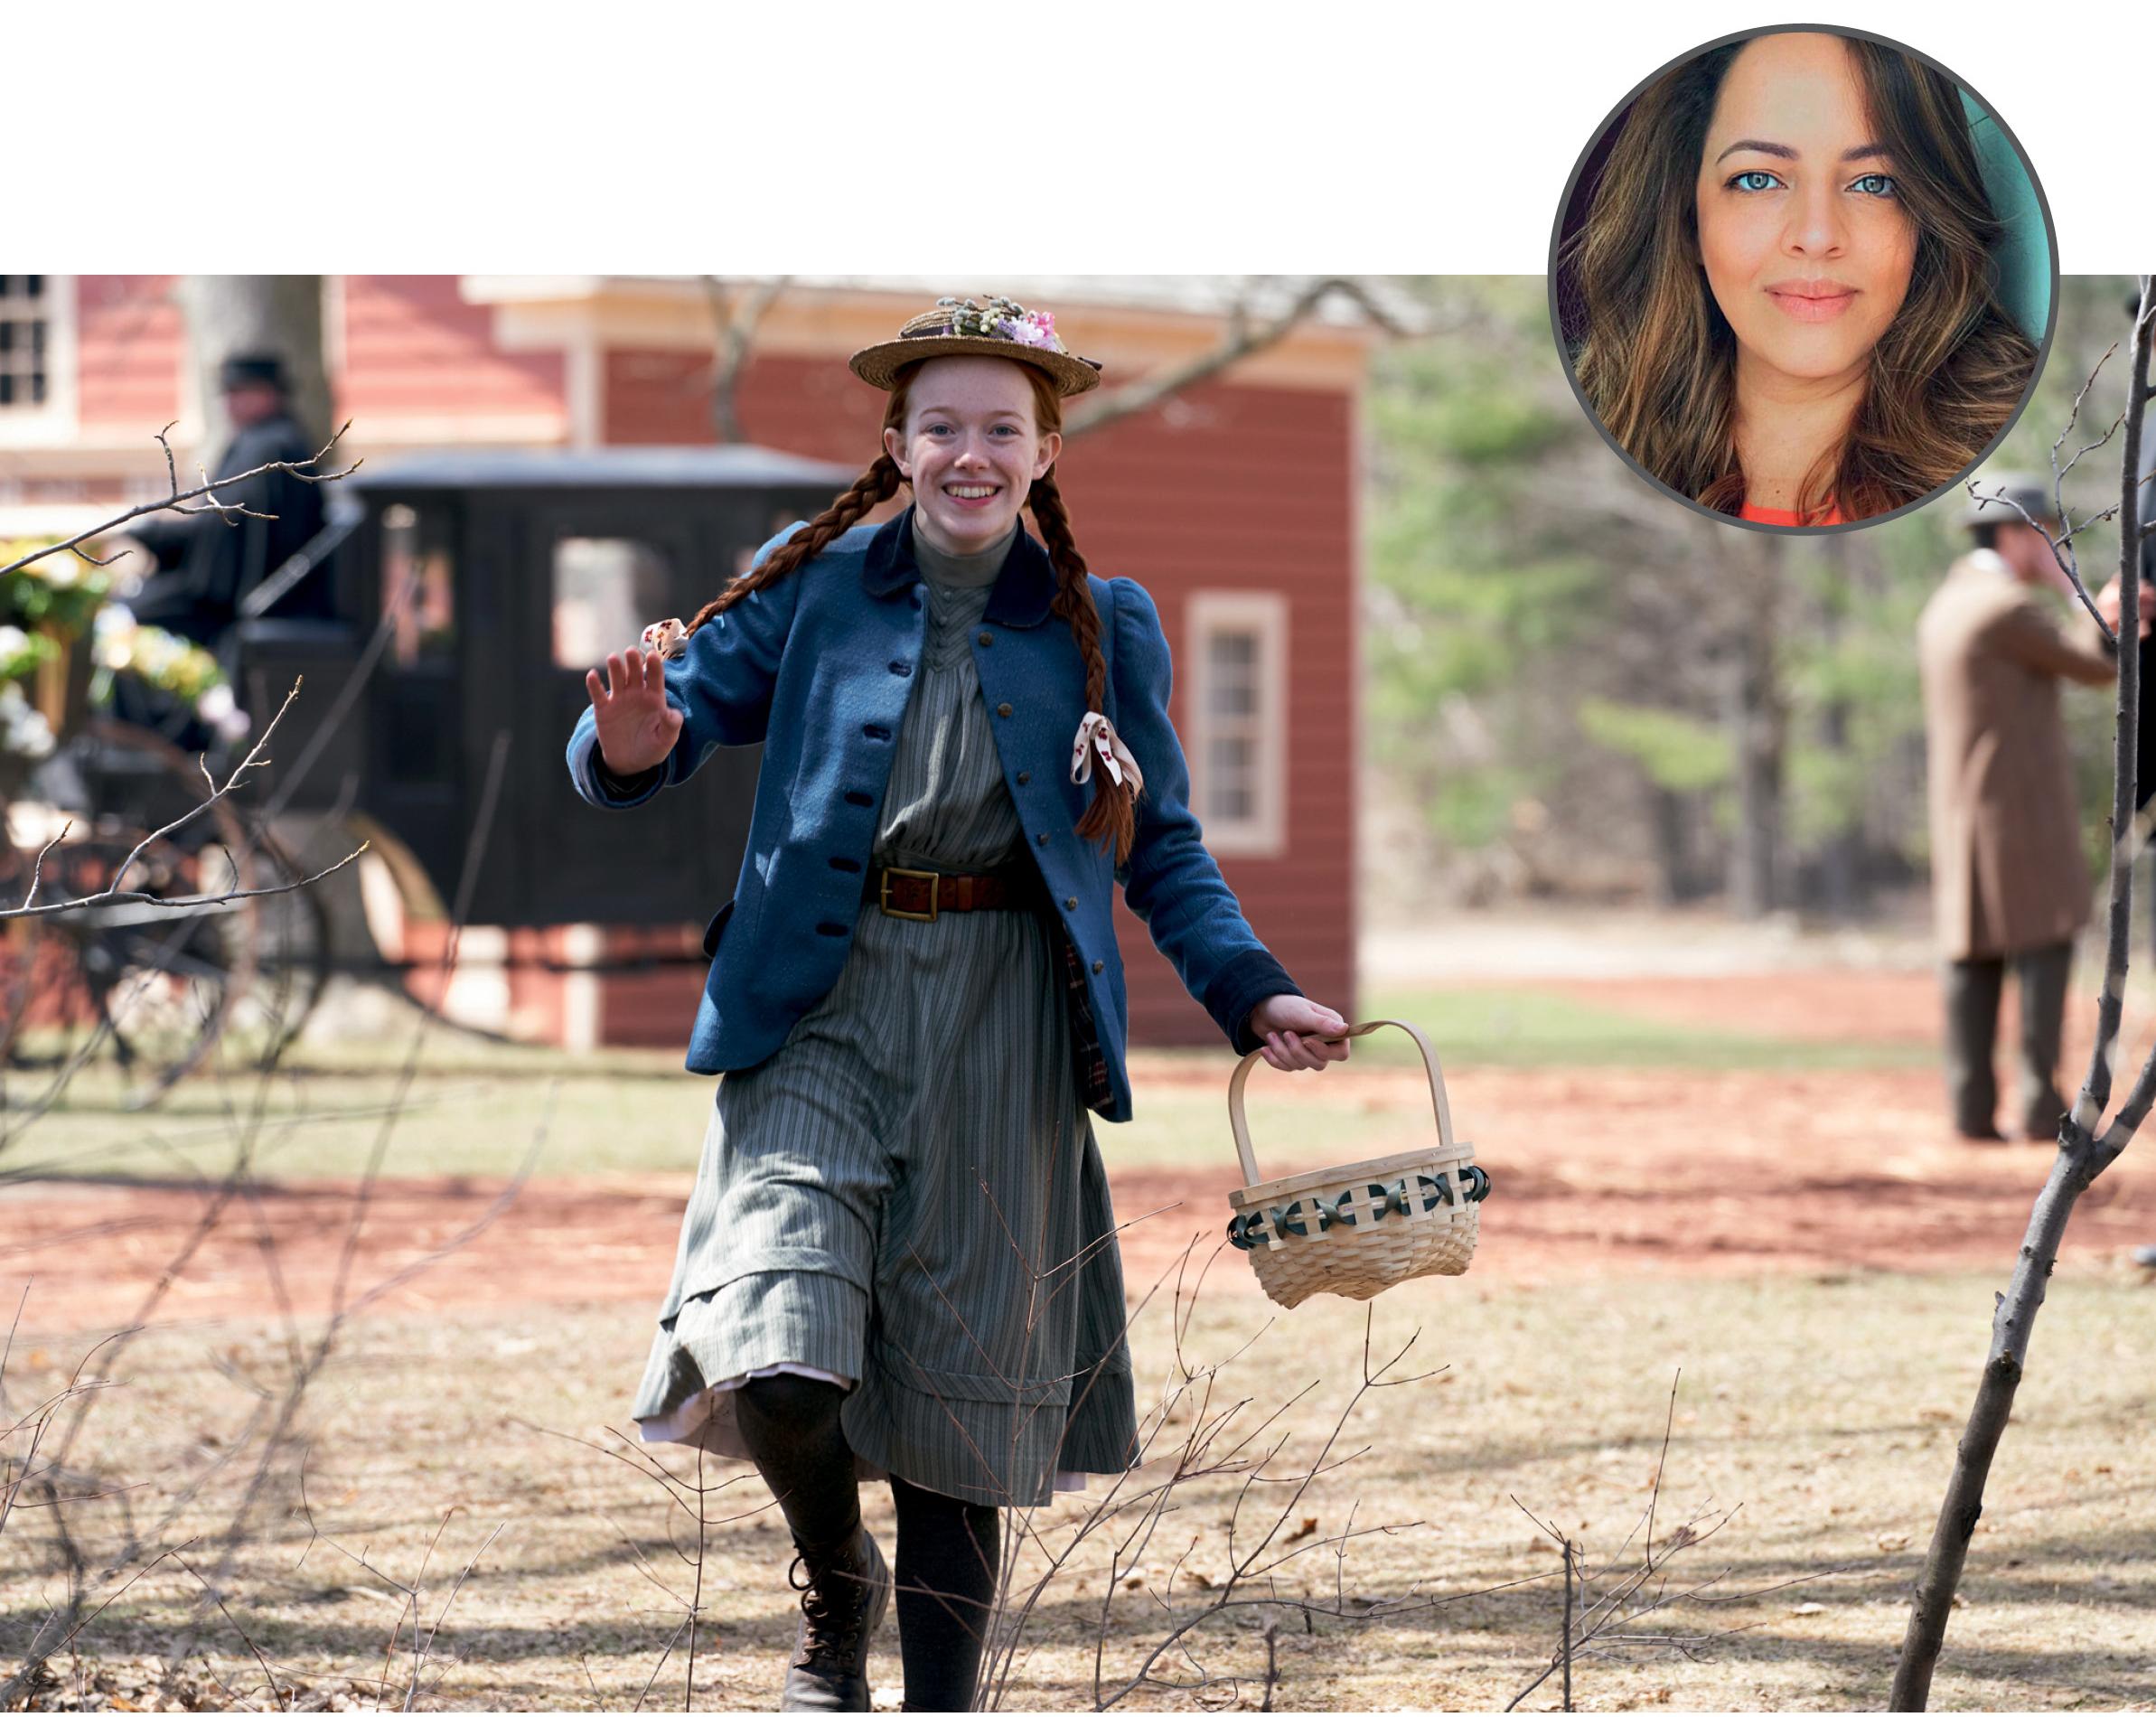 Foto de Juliana com uma imagem ilustrativa da série Anne with an E